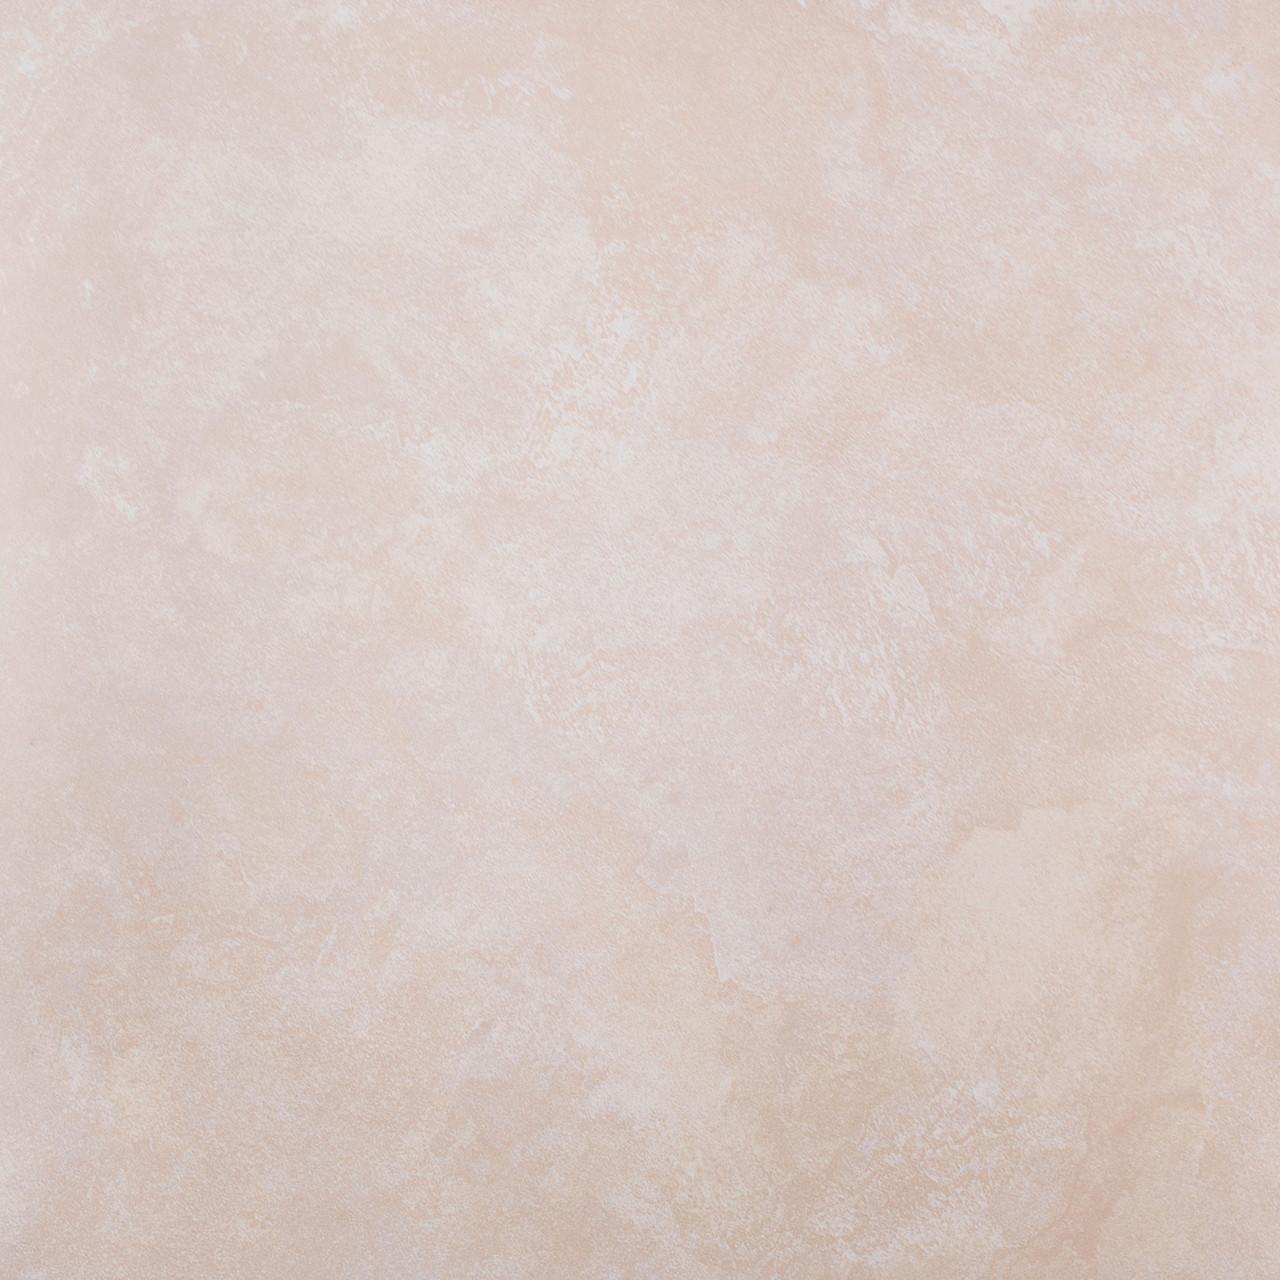 Керамогранит лапатированый бежевый 60х60